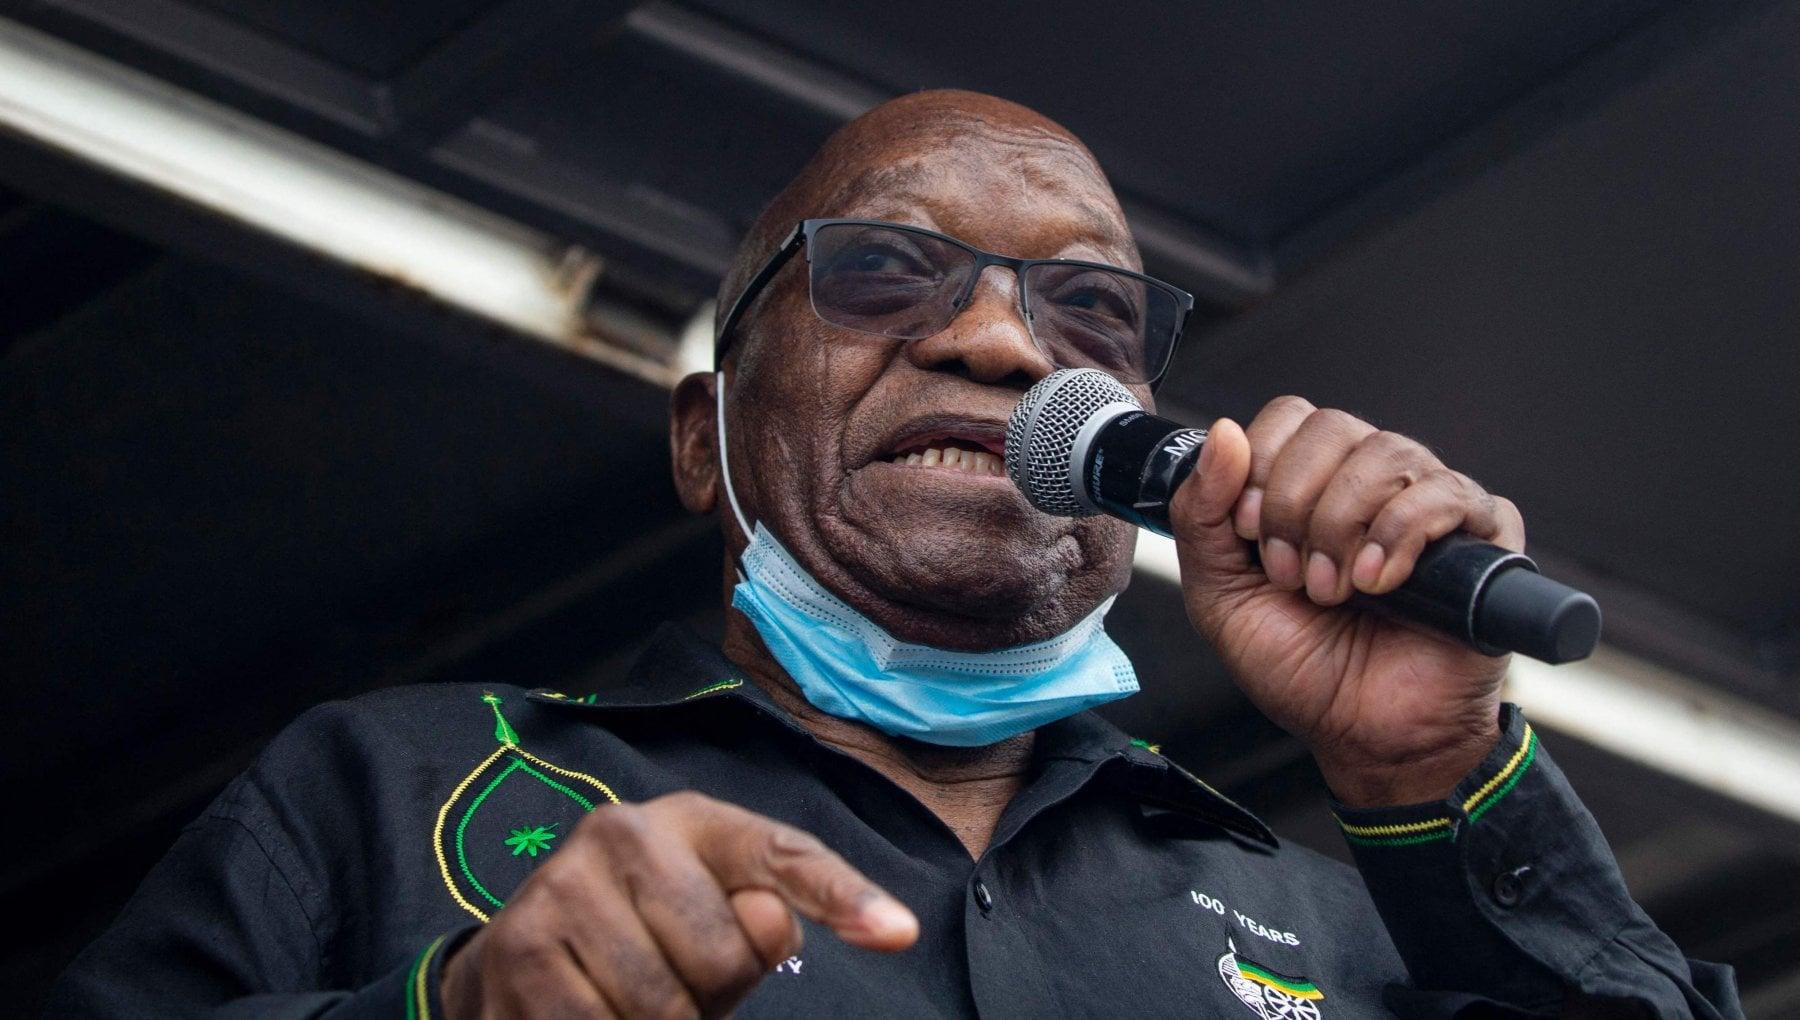 061151933 21c66932 8572 4dff afd7 ada583de1fd7 - Sudafrica, ex presidente Zuma si costituisce: deve scontare 15 mesi di carcere